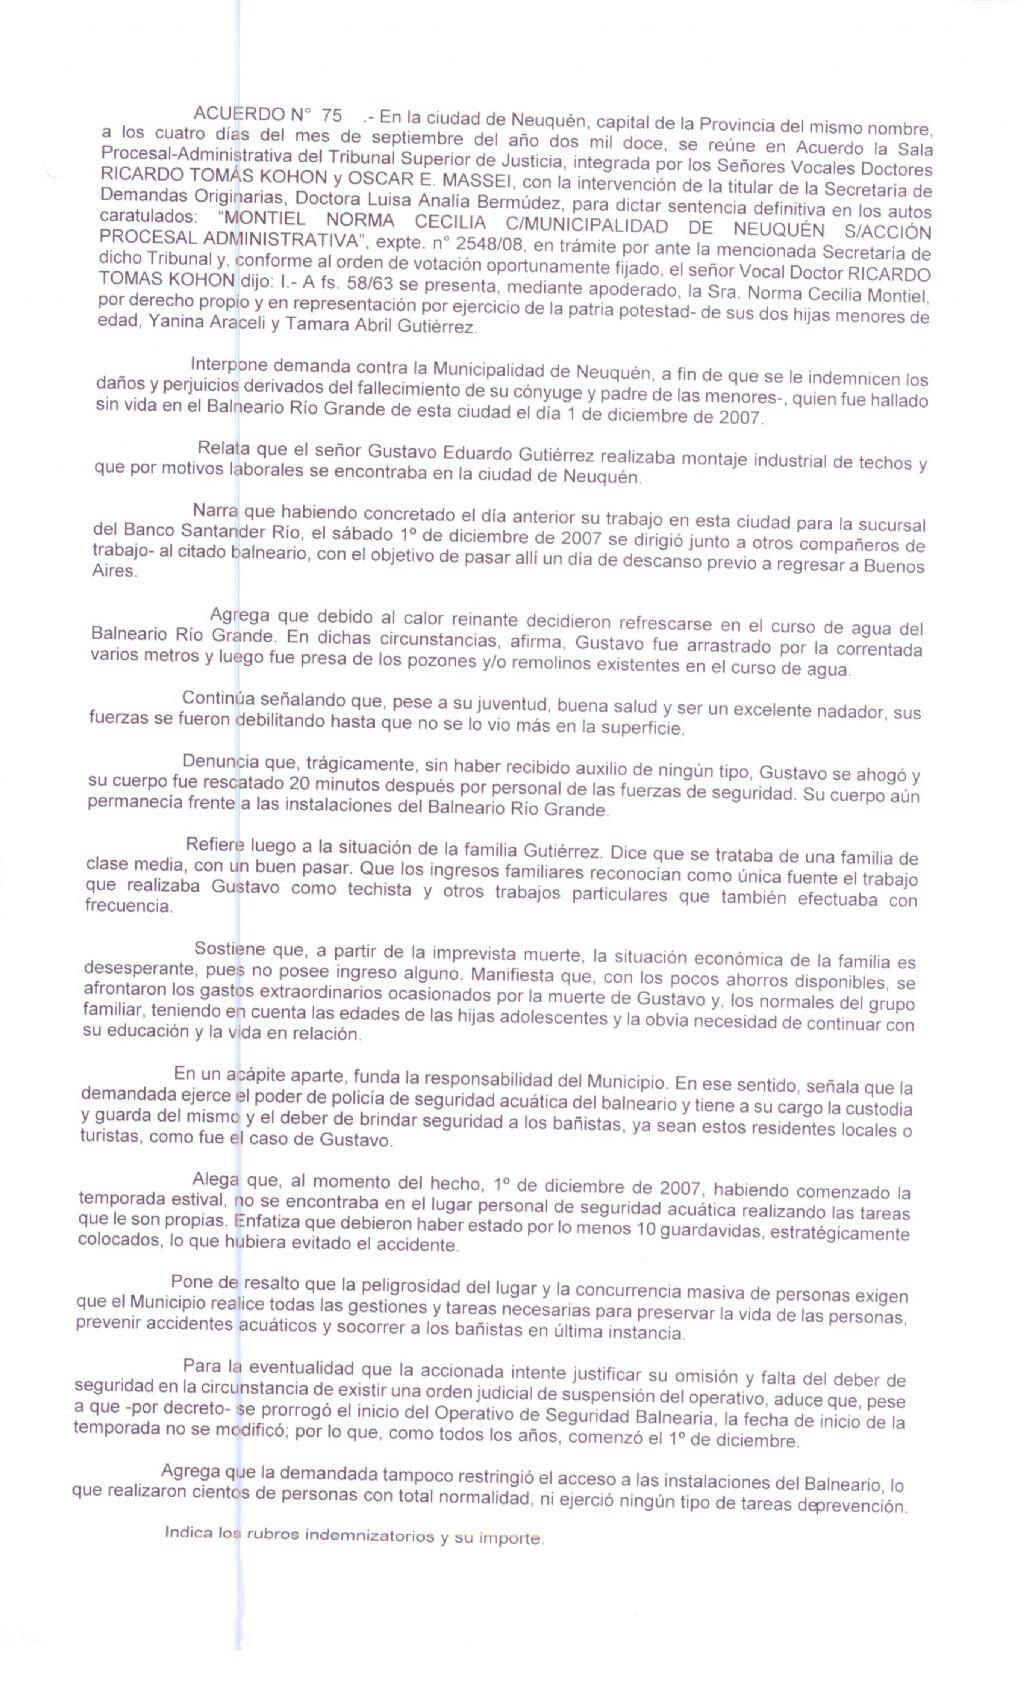 Condenan al municipio Neuquino - Mejor Informado